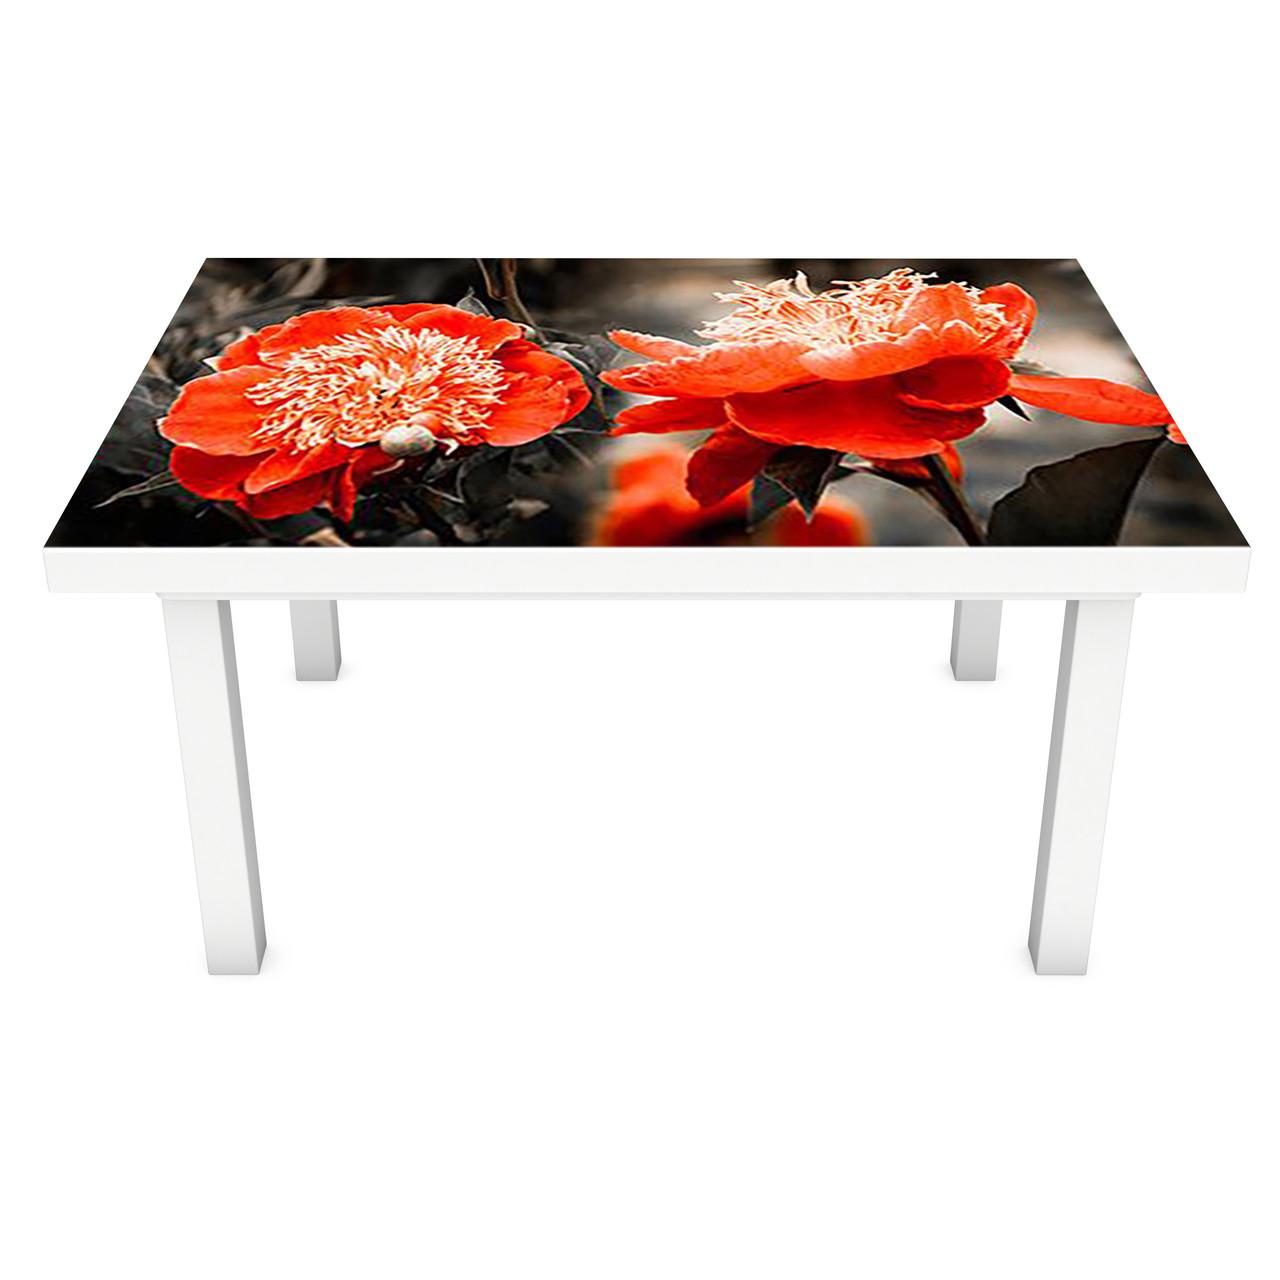 Наклейка на стіл вінілова Червоні півонії 02 ПВХ плівка для меблів інтер'єрна 3D квіти чорний 600*1200 мм